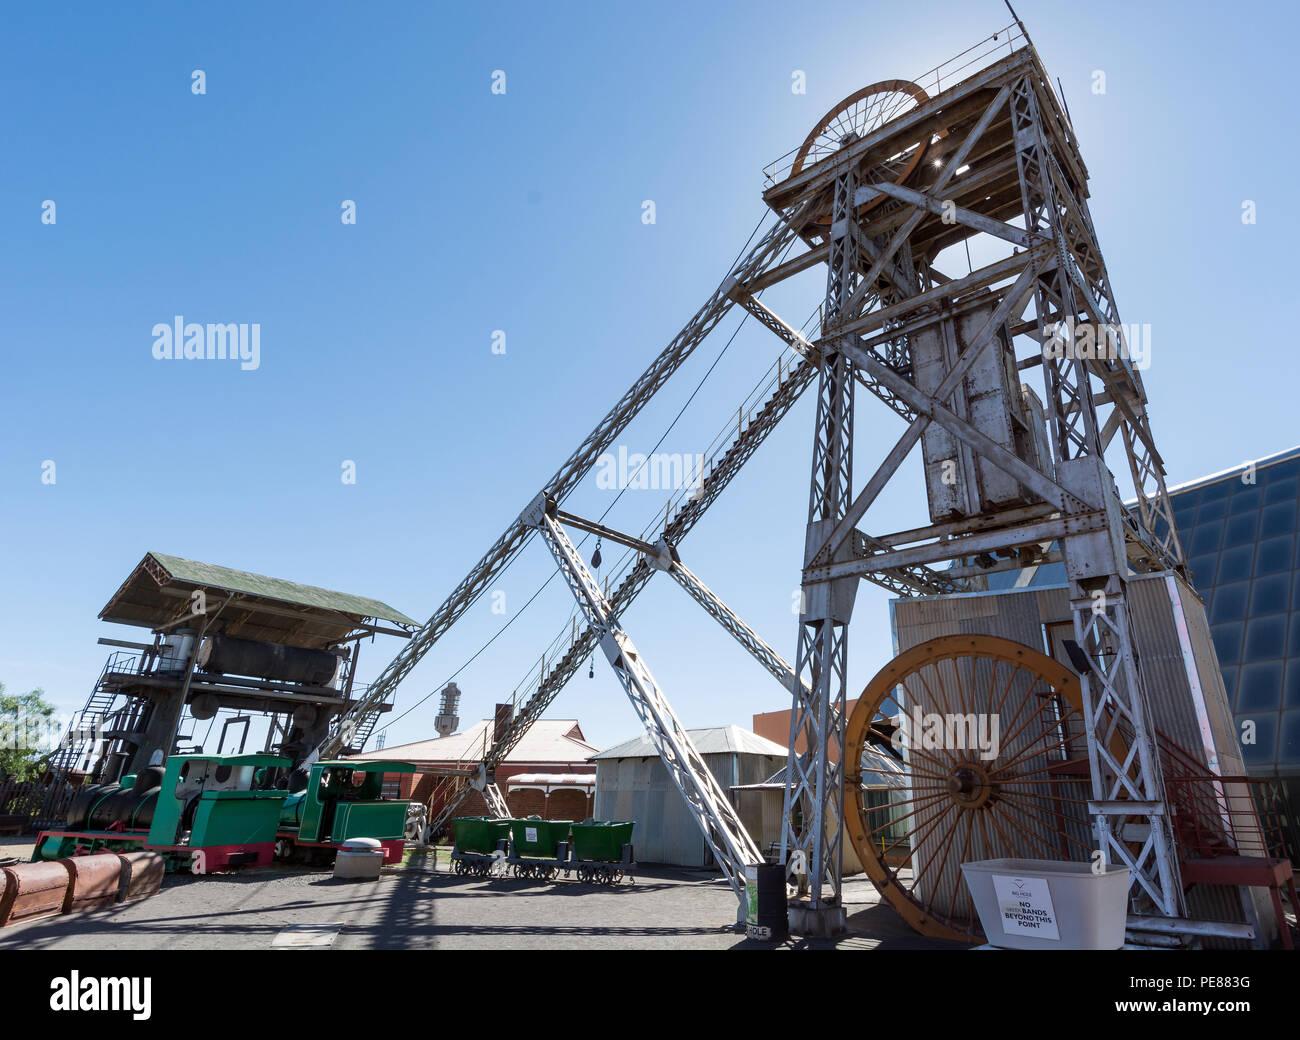 Vista del copricapo di miniera e paranco a vapore Immagini Stock 5ff7a54f52a0